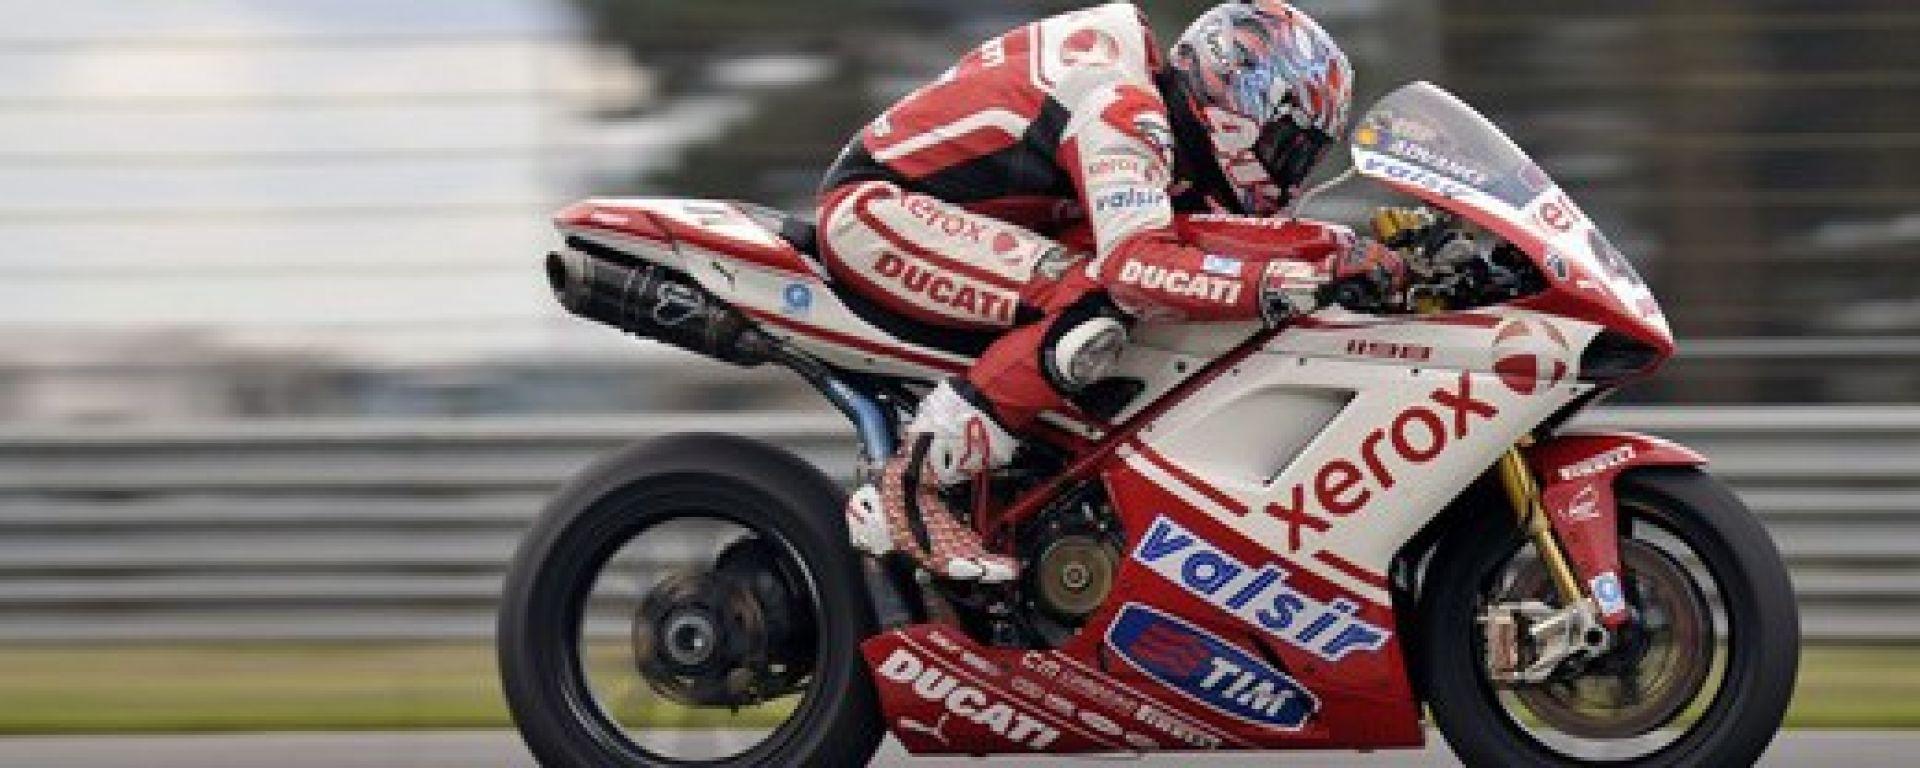 SBK 2010: Gran Premio di Inghilterra